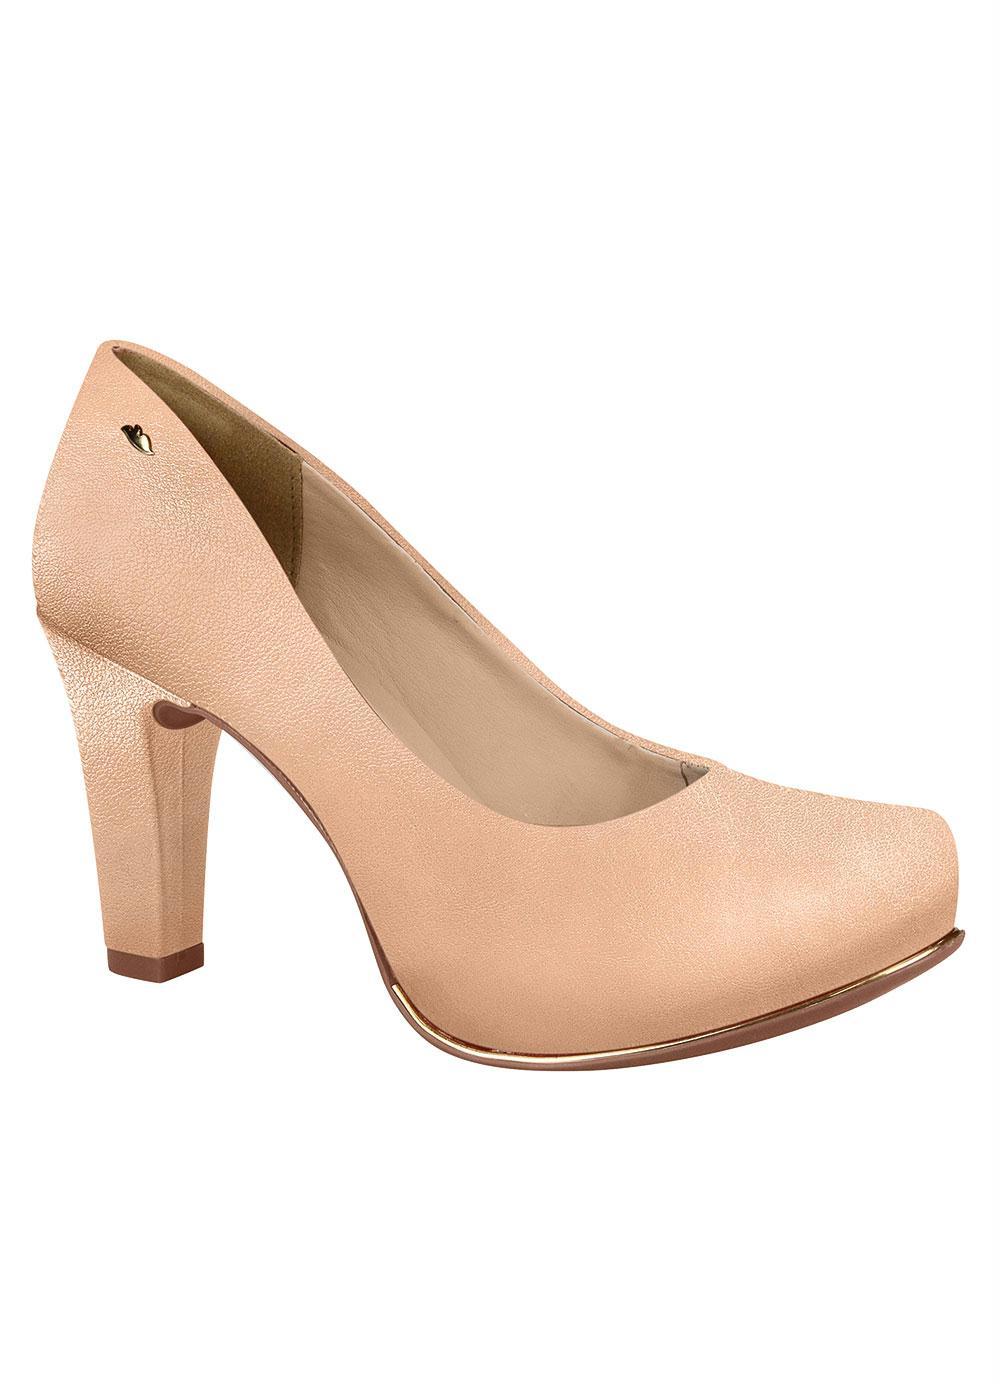 8d142ab010 Sapato Dakota Nude com Salto Encapado - Multimarcas